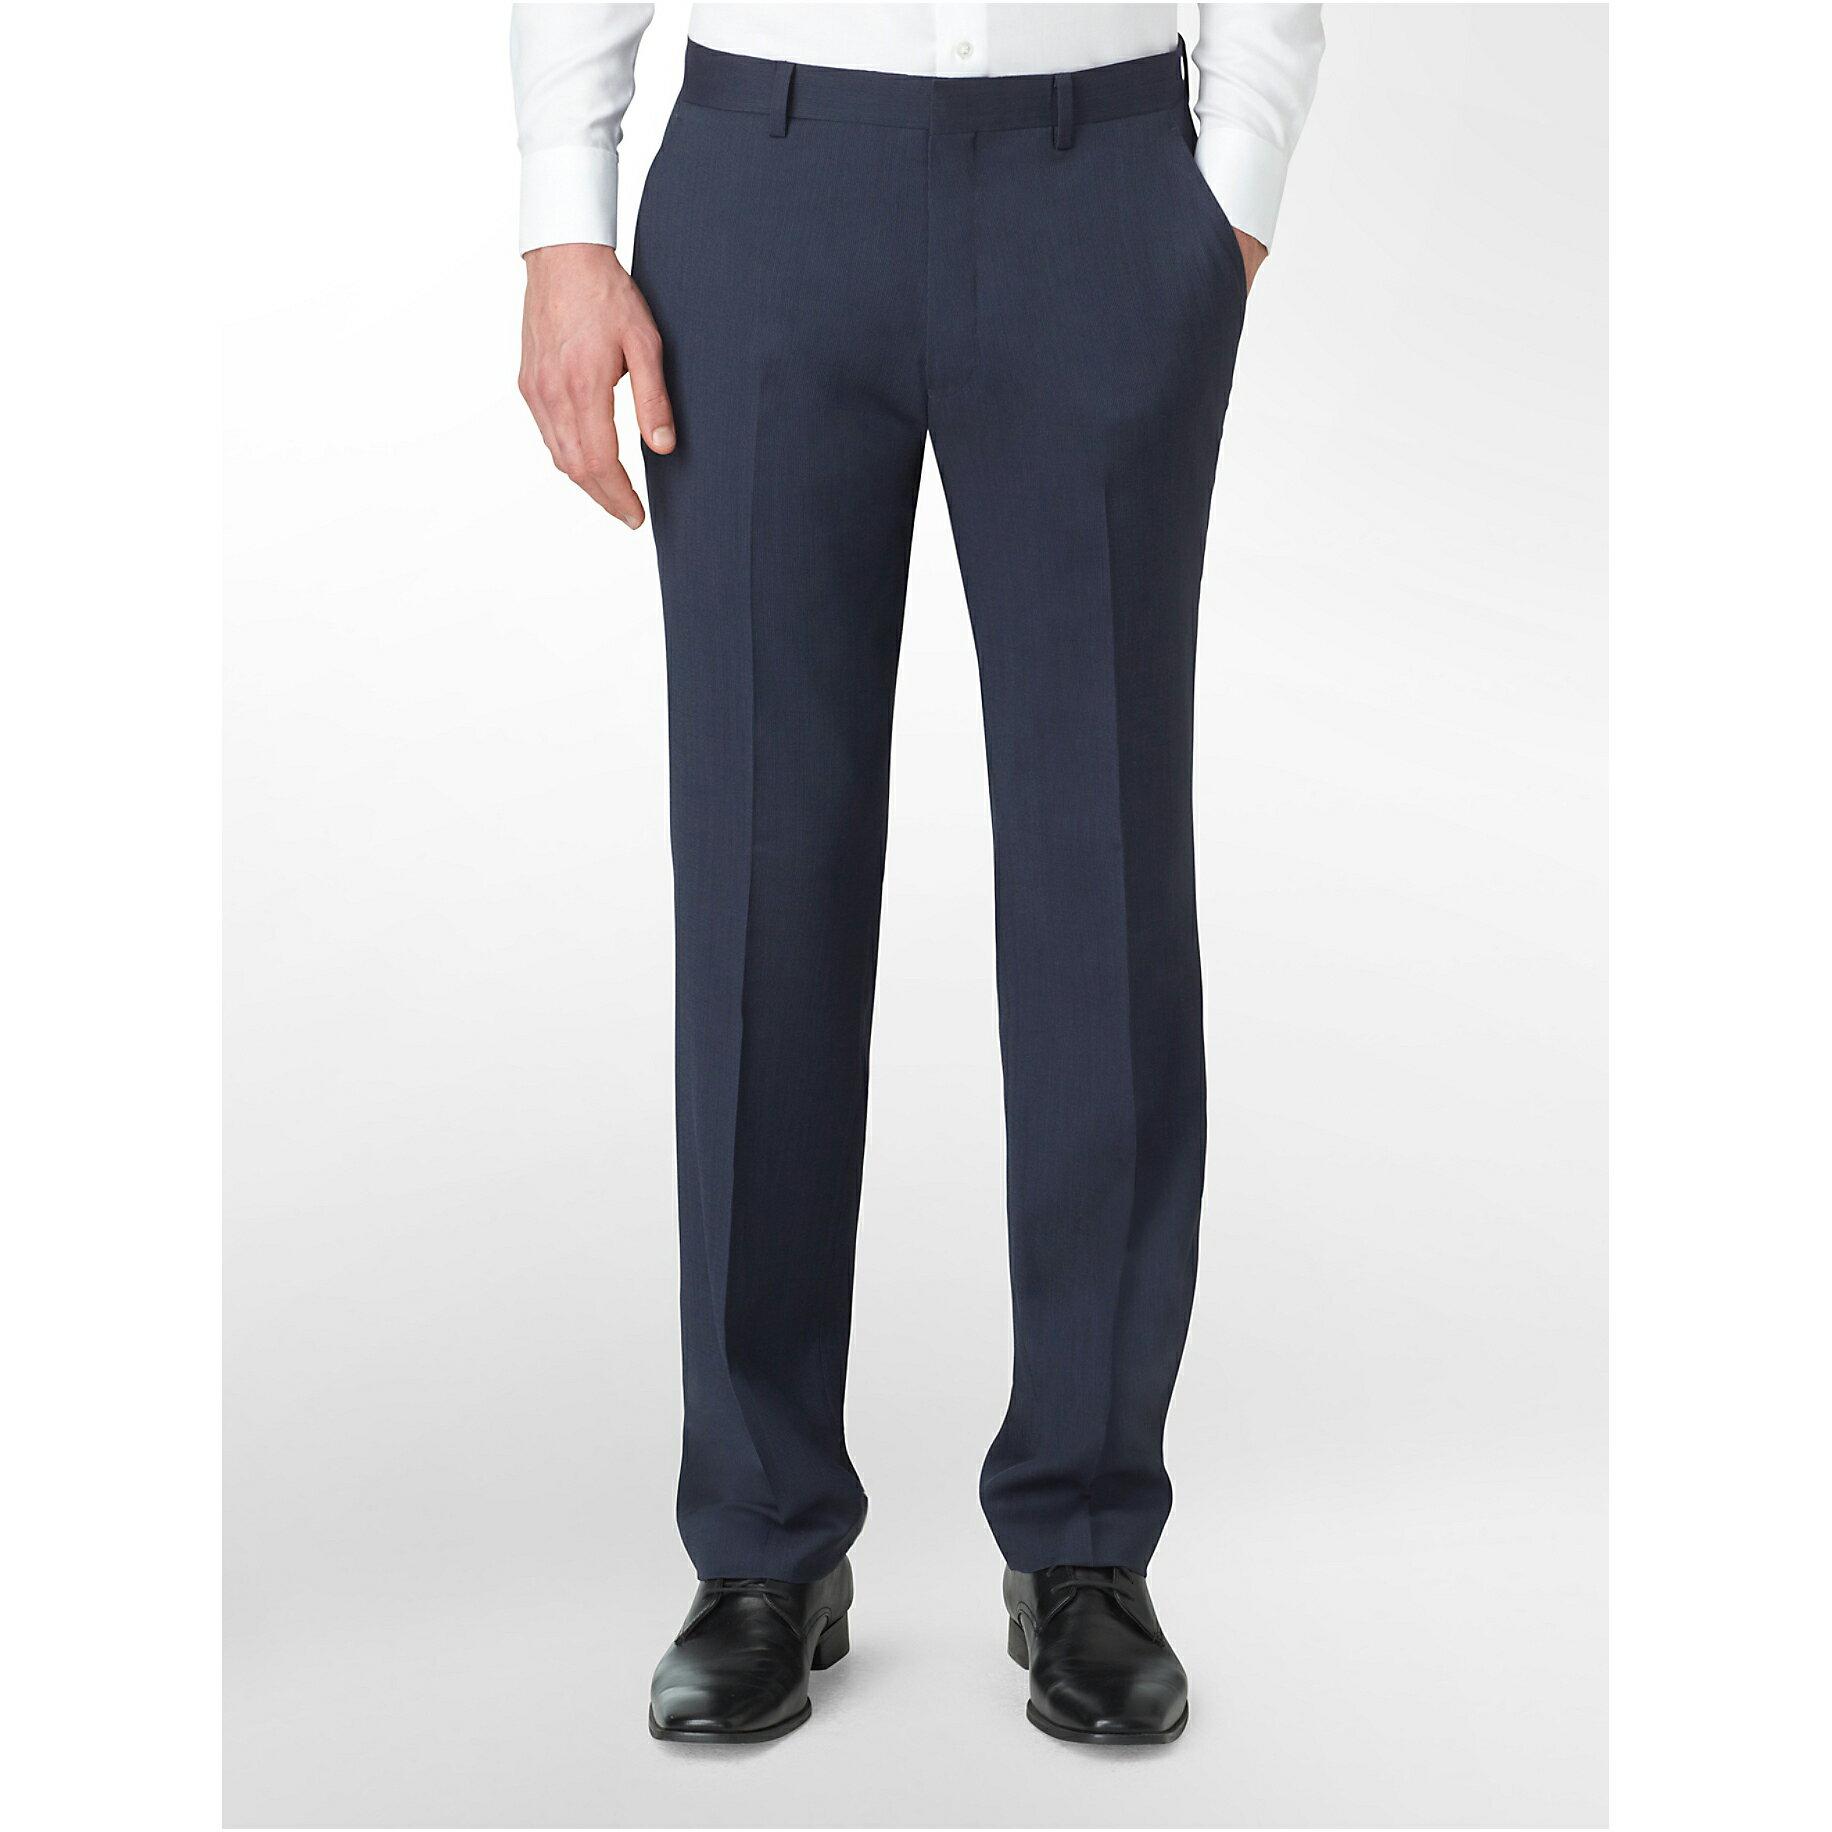 美國百分百【Calvin Klein】長褲 CK 西裝褲 直筒褲 休閒褲 上班 合身 窄版 藍色 29腰 E313